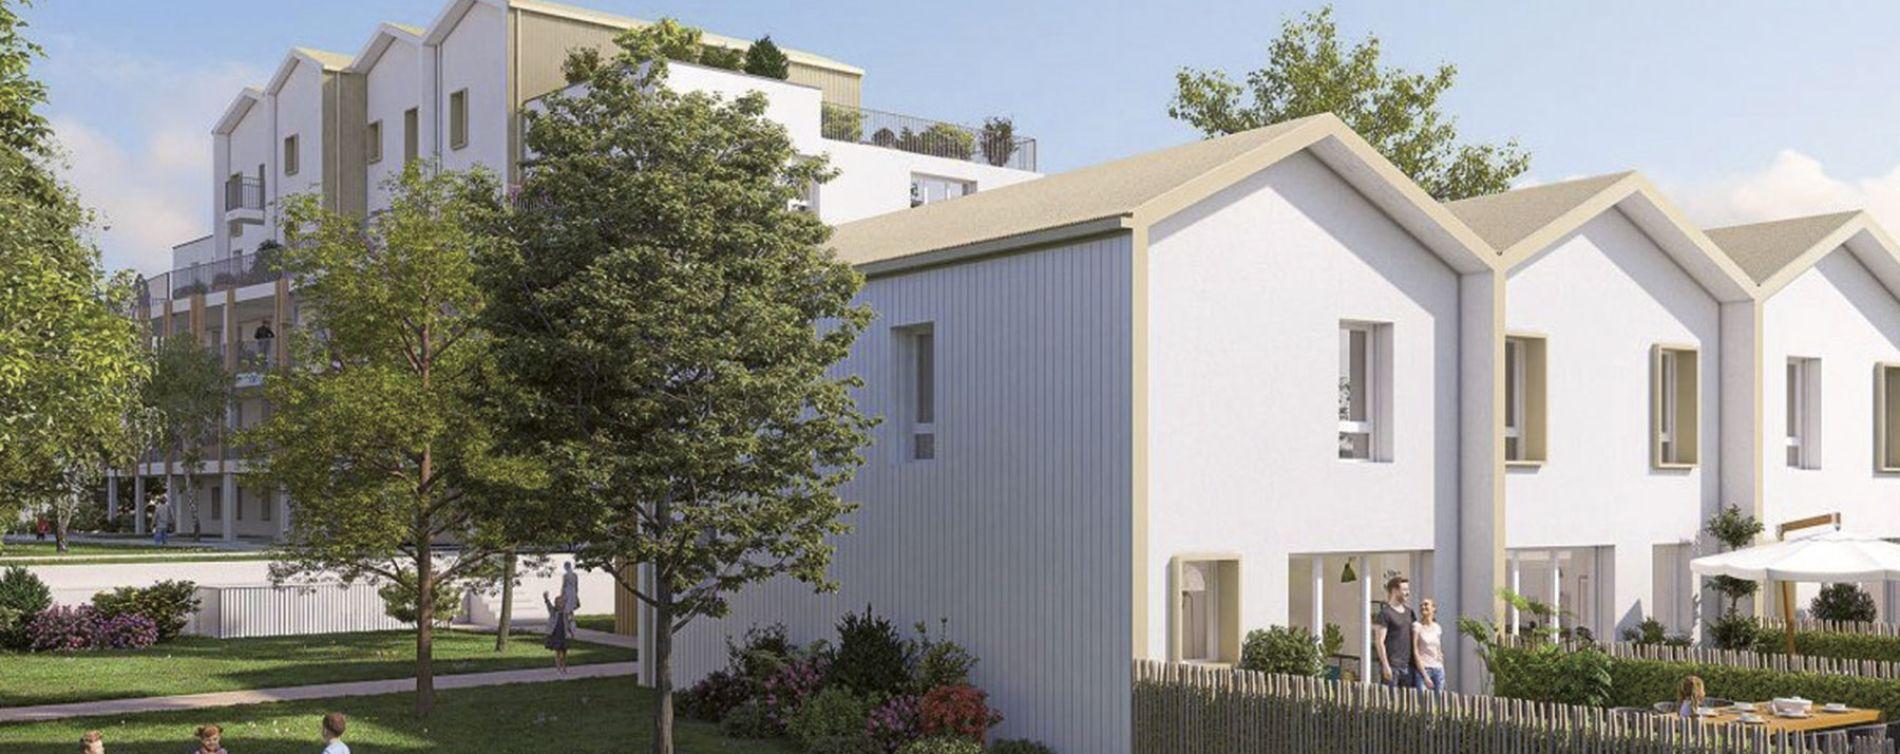 Rezé : programme immobilier neuve « Le Jardin de Charles » (3)